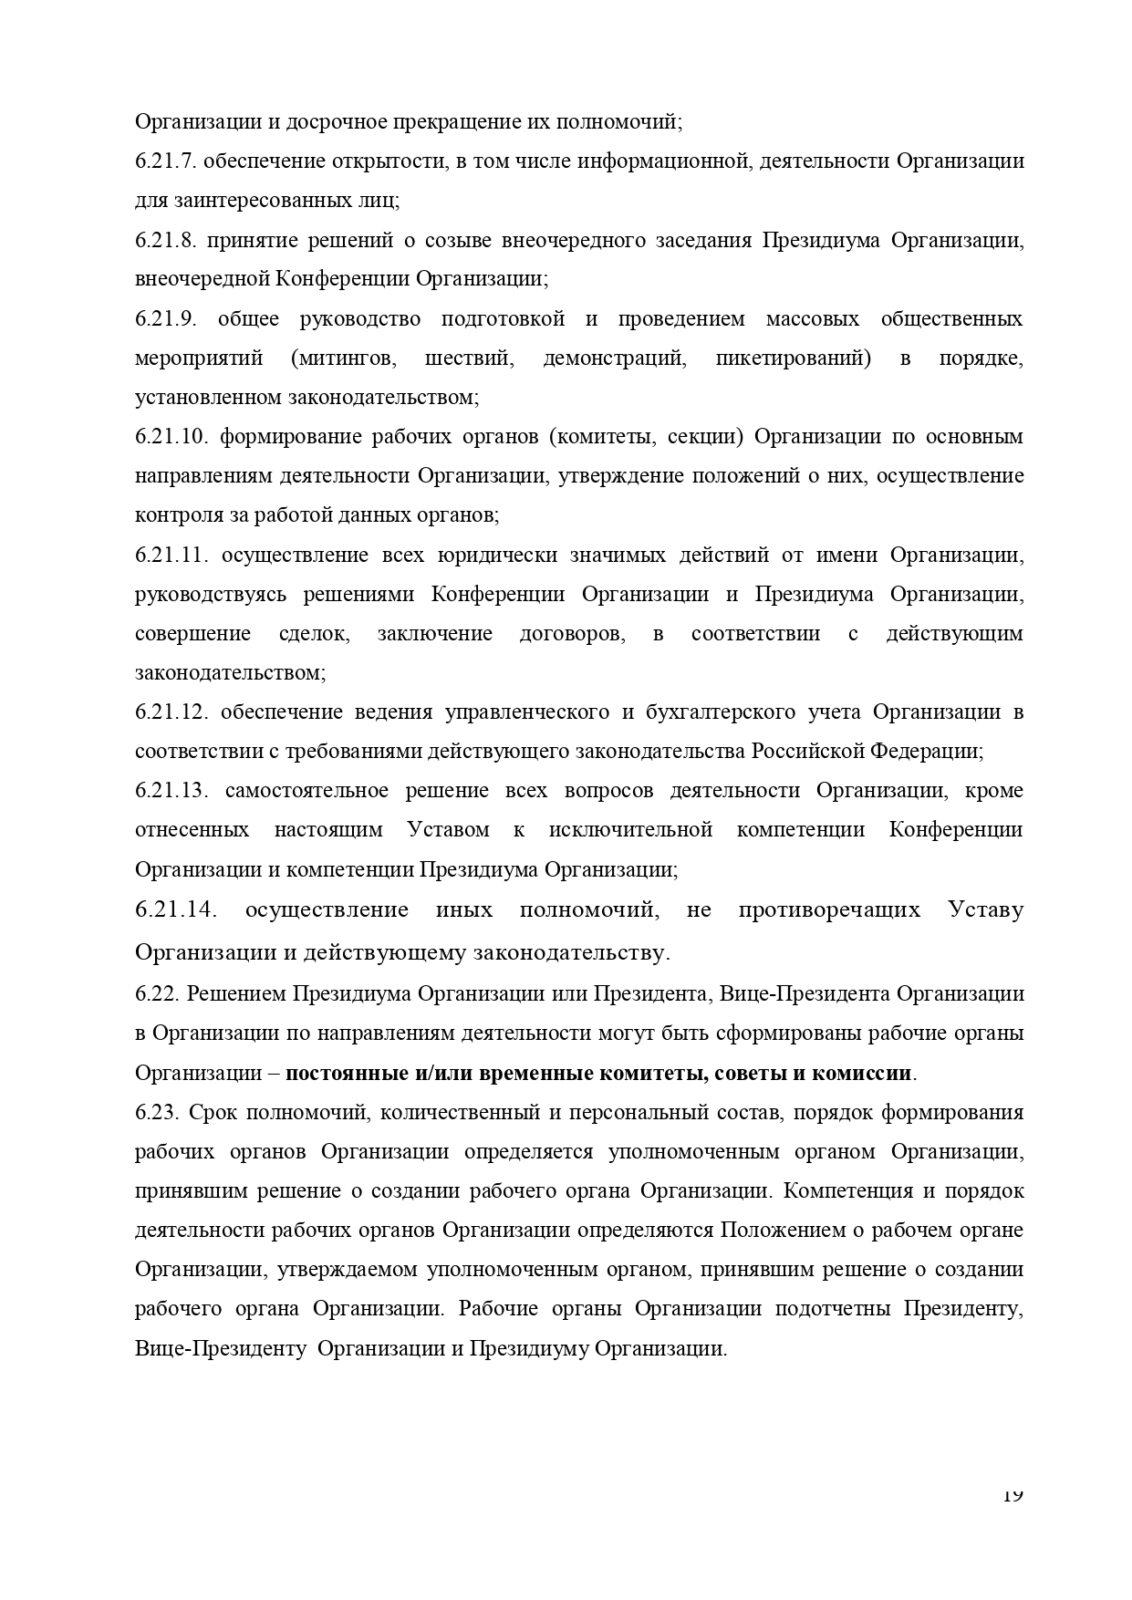 ustav_GKR_page-0019